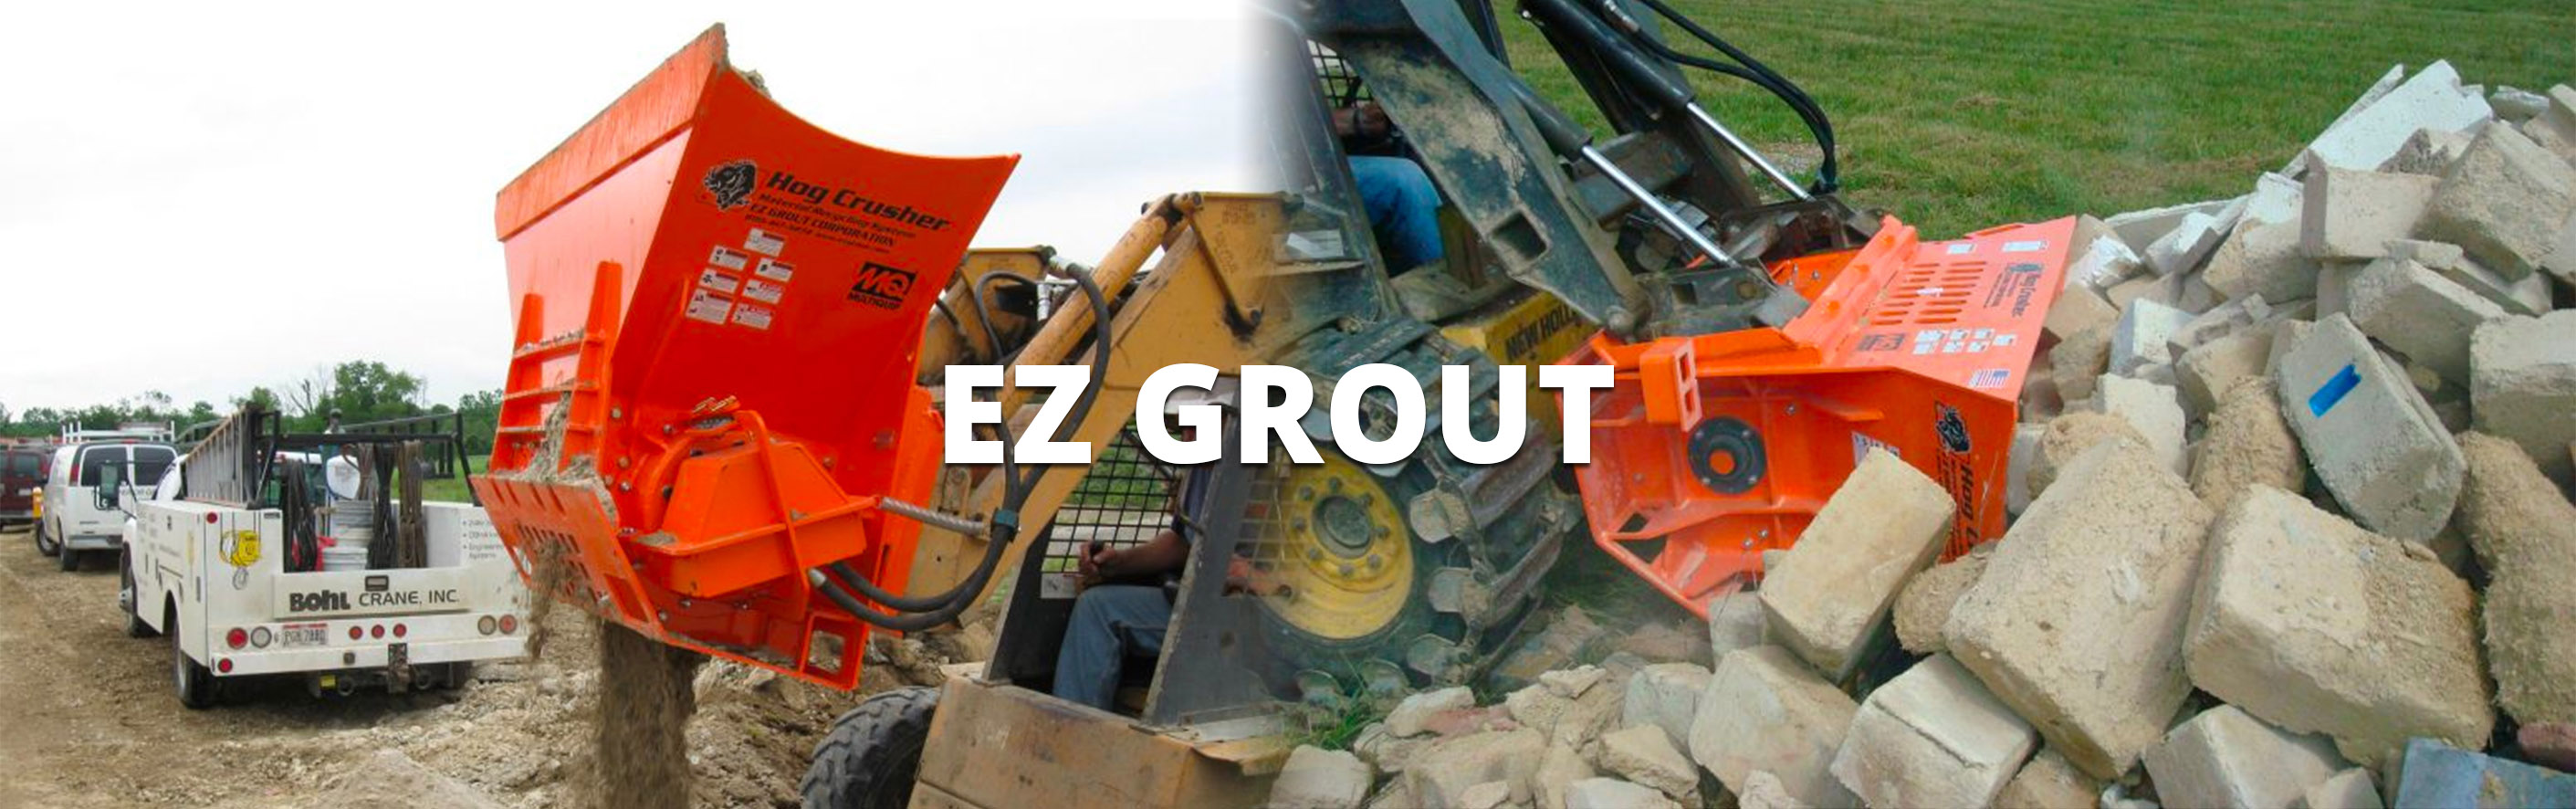 ez-grout-skid-steer-attachments-banner.jpg